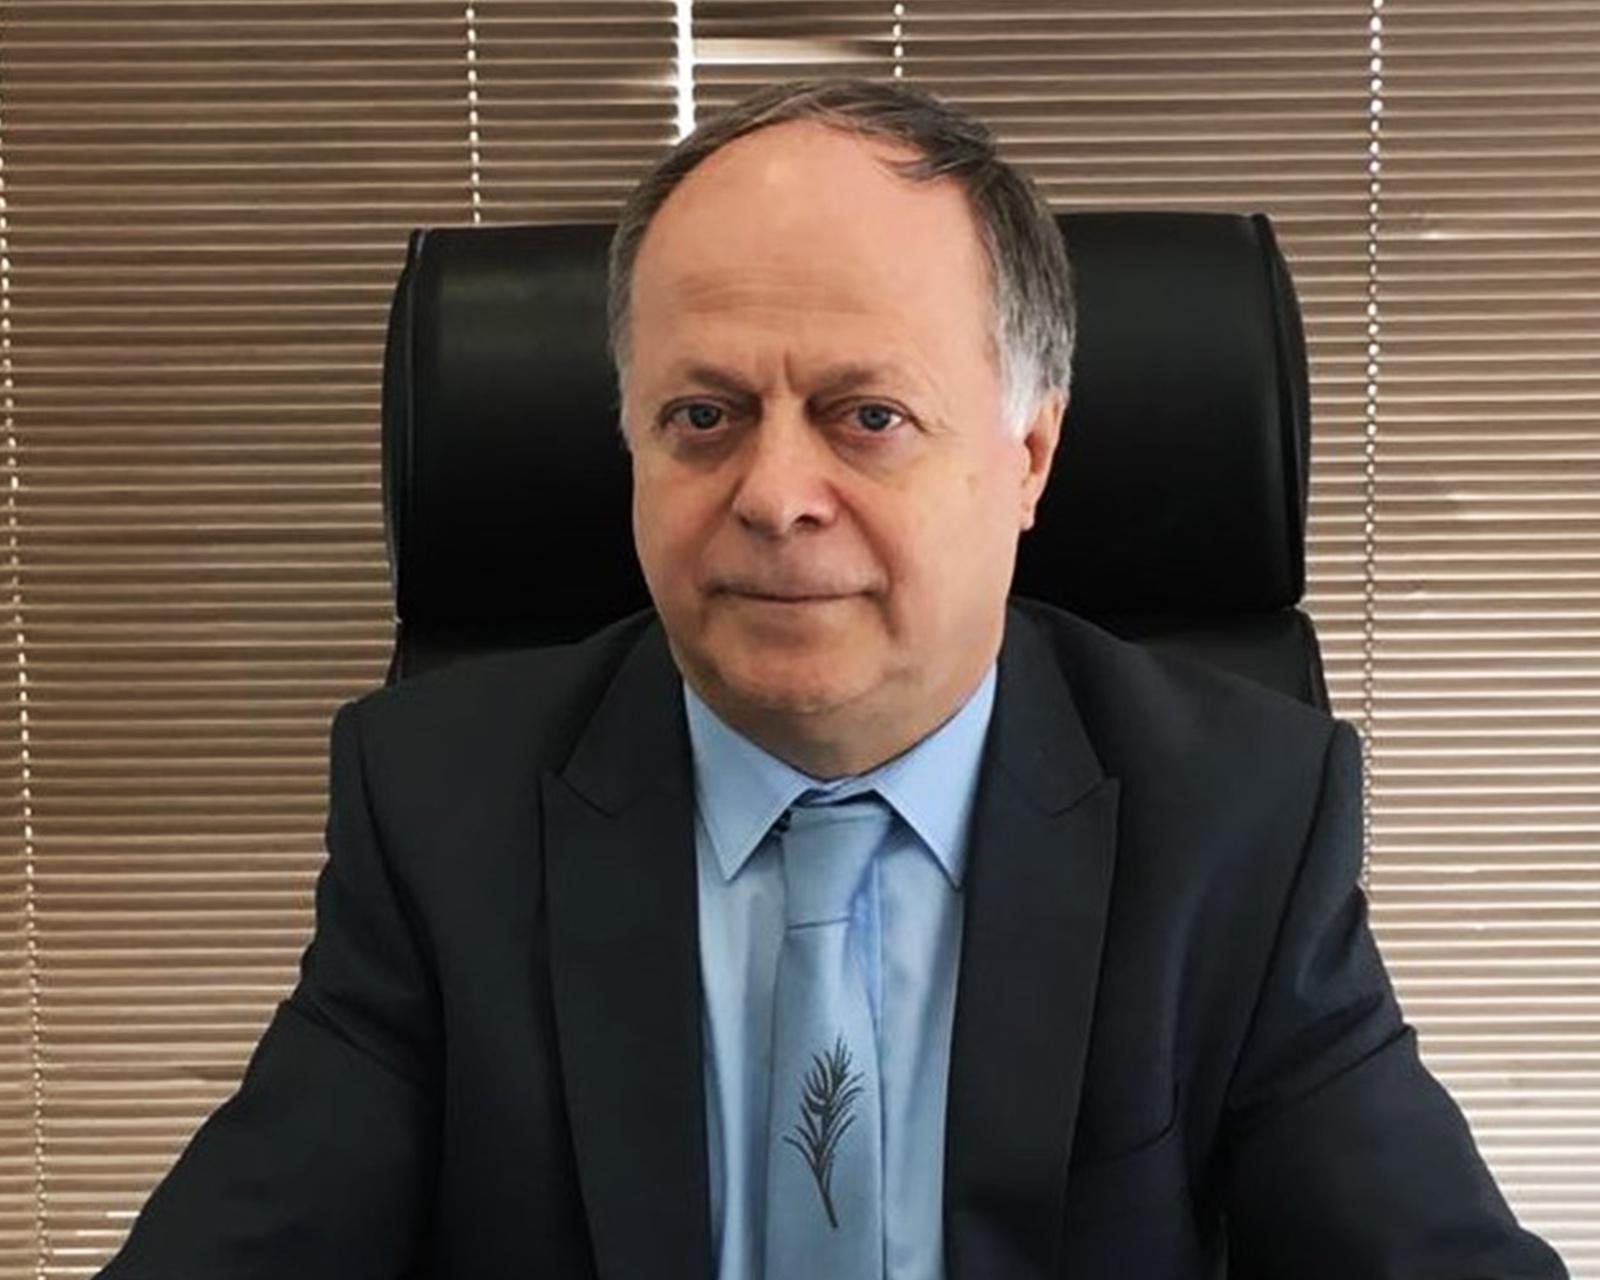 Uzm. Dr. Yılmaz Sarıoğlu